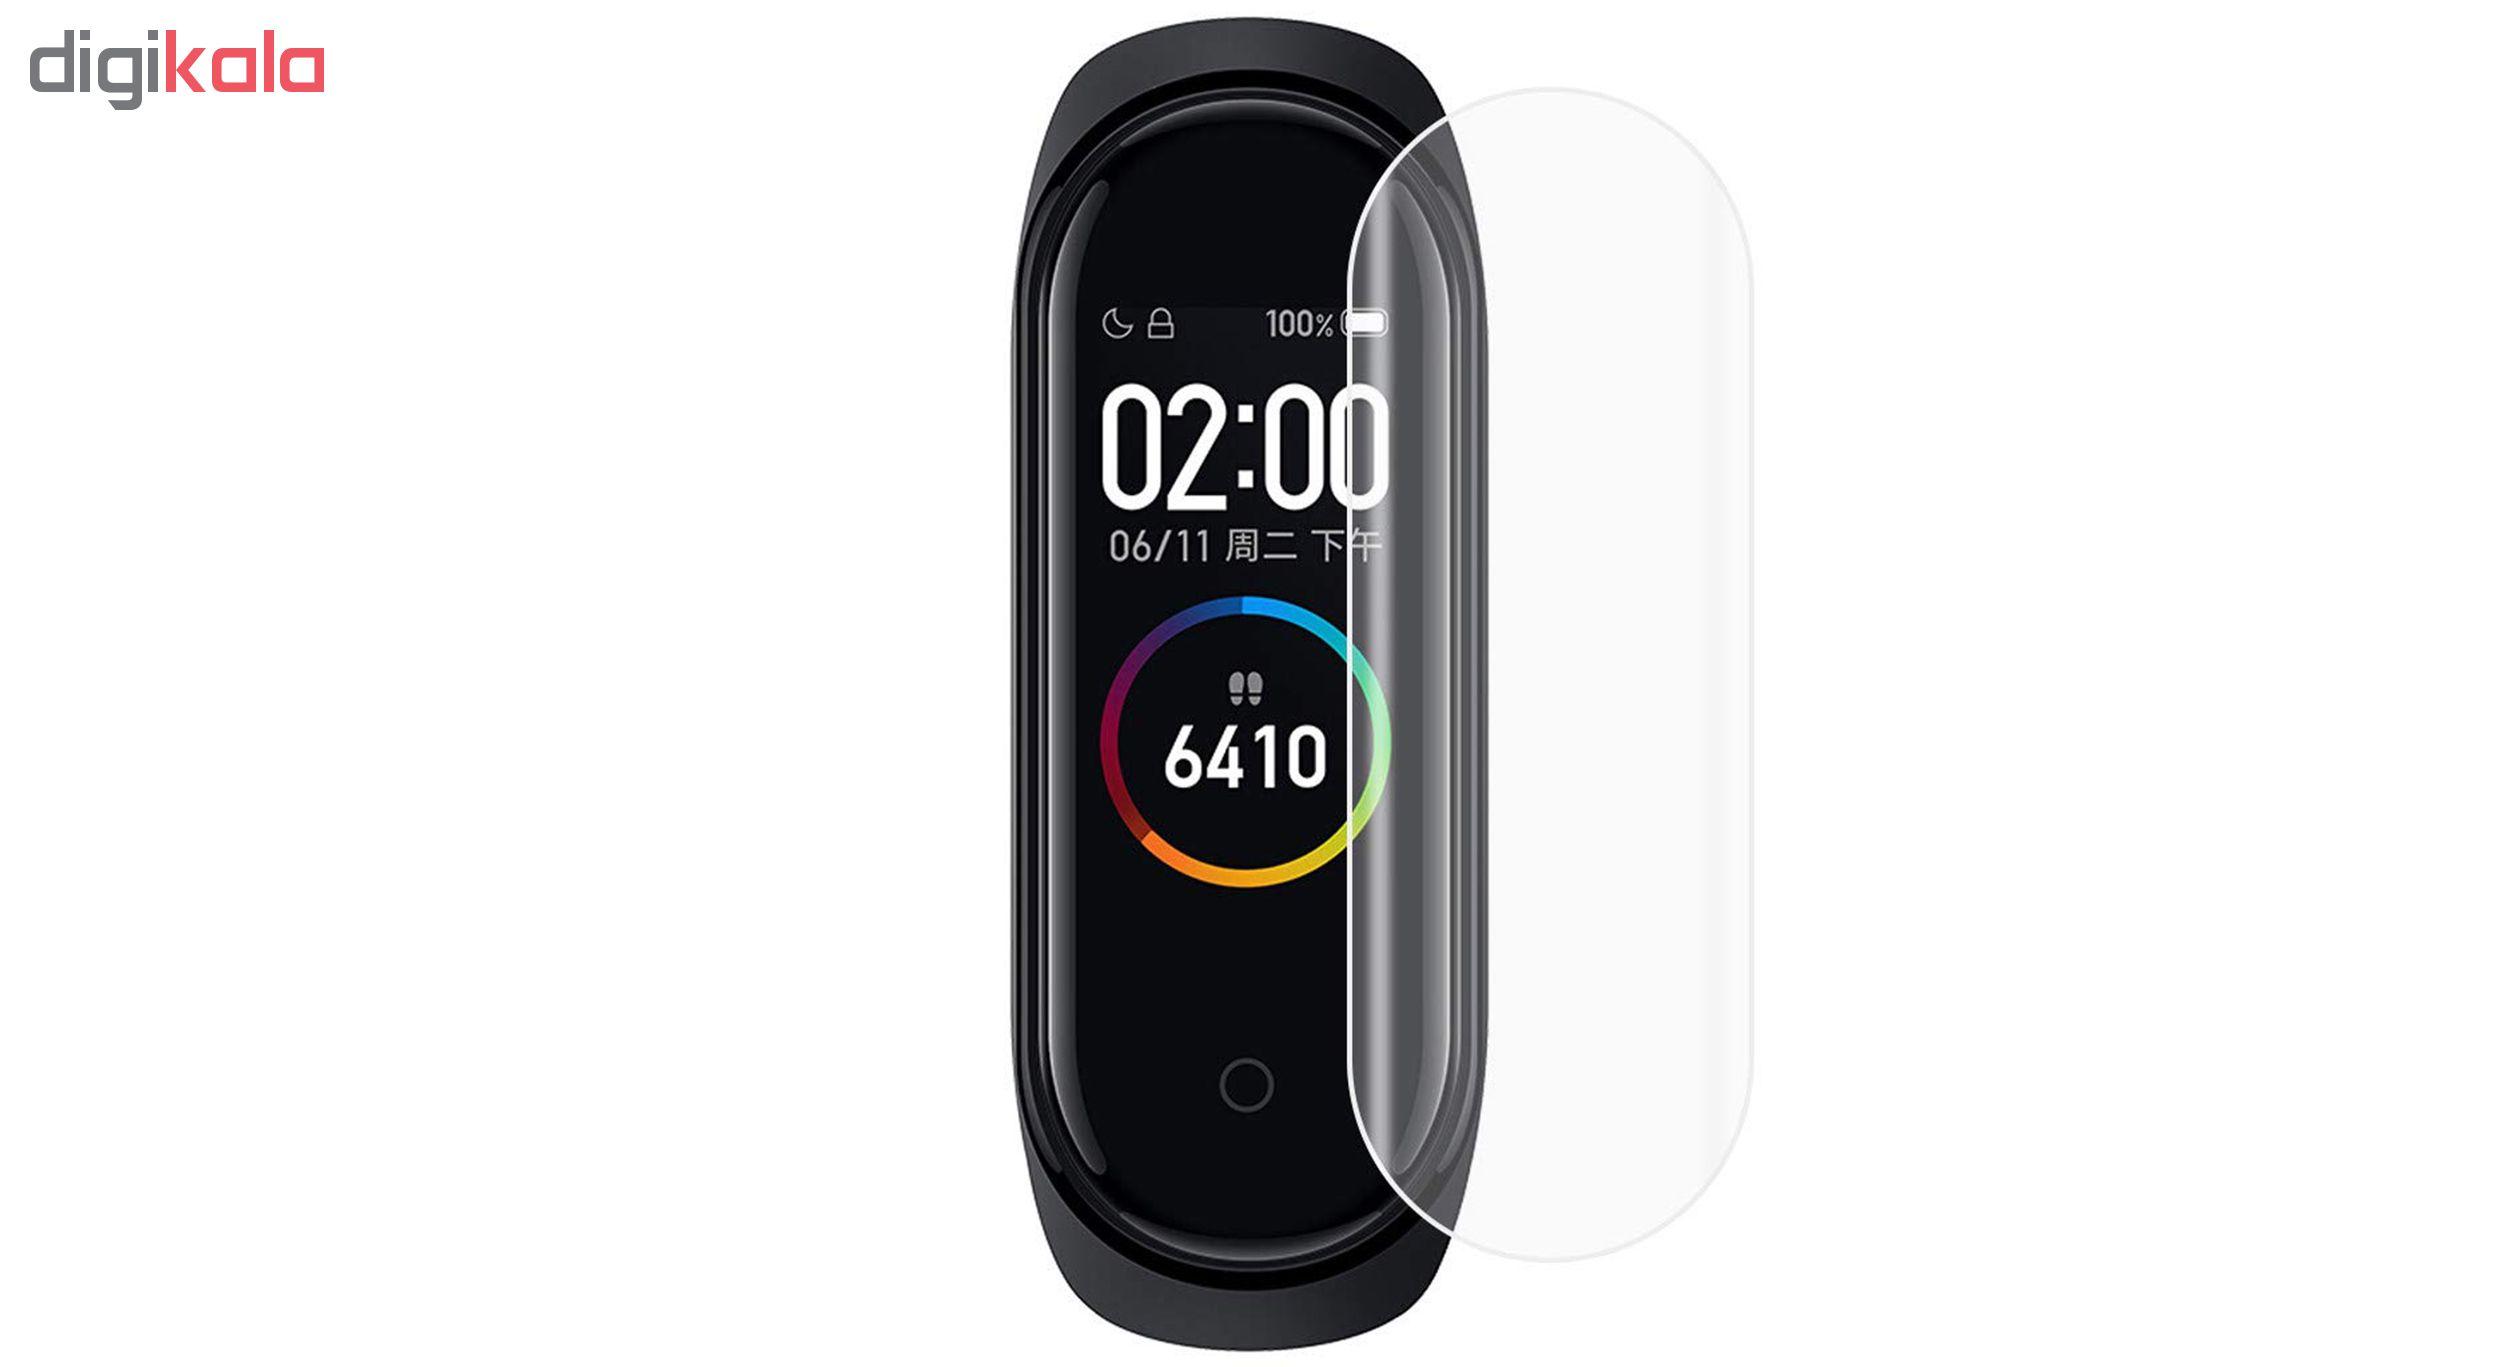 محافظ صفحه نمایش سومگ مدل SMG-G3 مناسب برای مچ بند هوشمند شیائومی Mi Band 4 بسته 3 عددی main 1 2